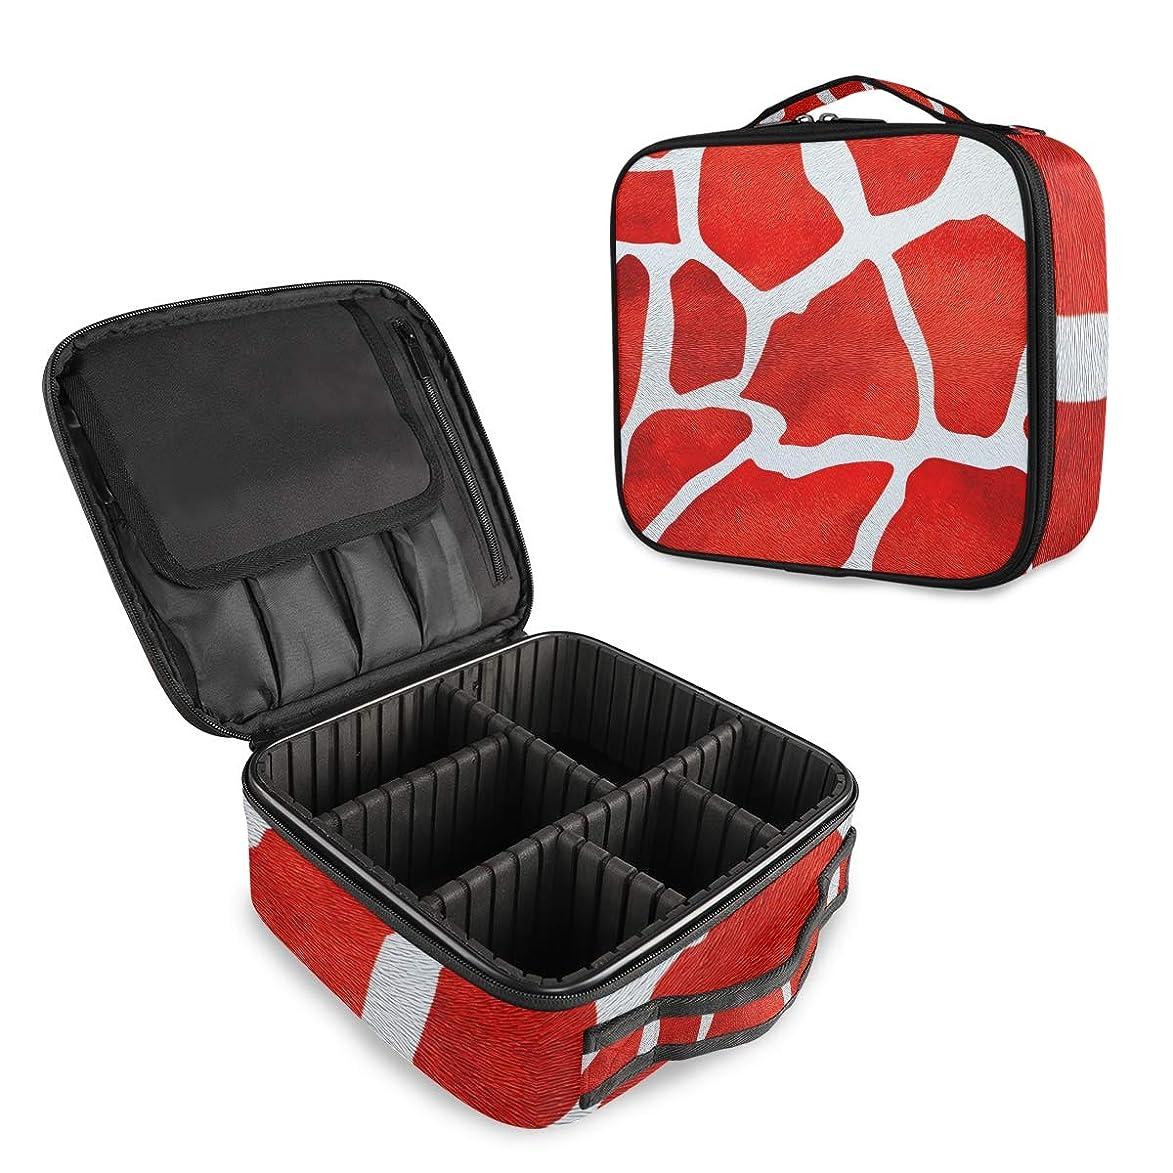 ツイン家事コンピューターを使用する(VAWA) メイクボックス 大容量 プロ用 かわいい 牛柄 赤 化粧箱 機能的 コスメ収納 ブラシバッグ 調整可能 旅行出張用